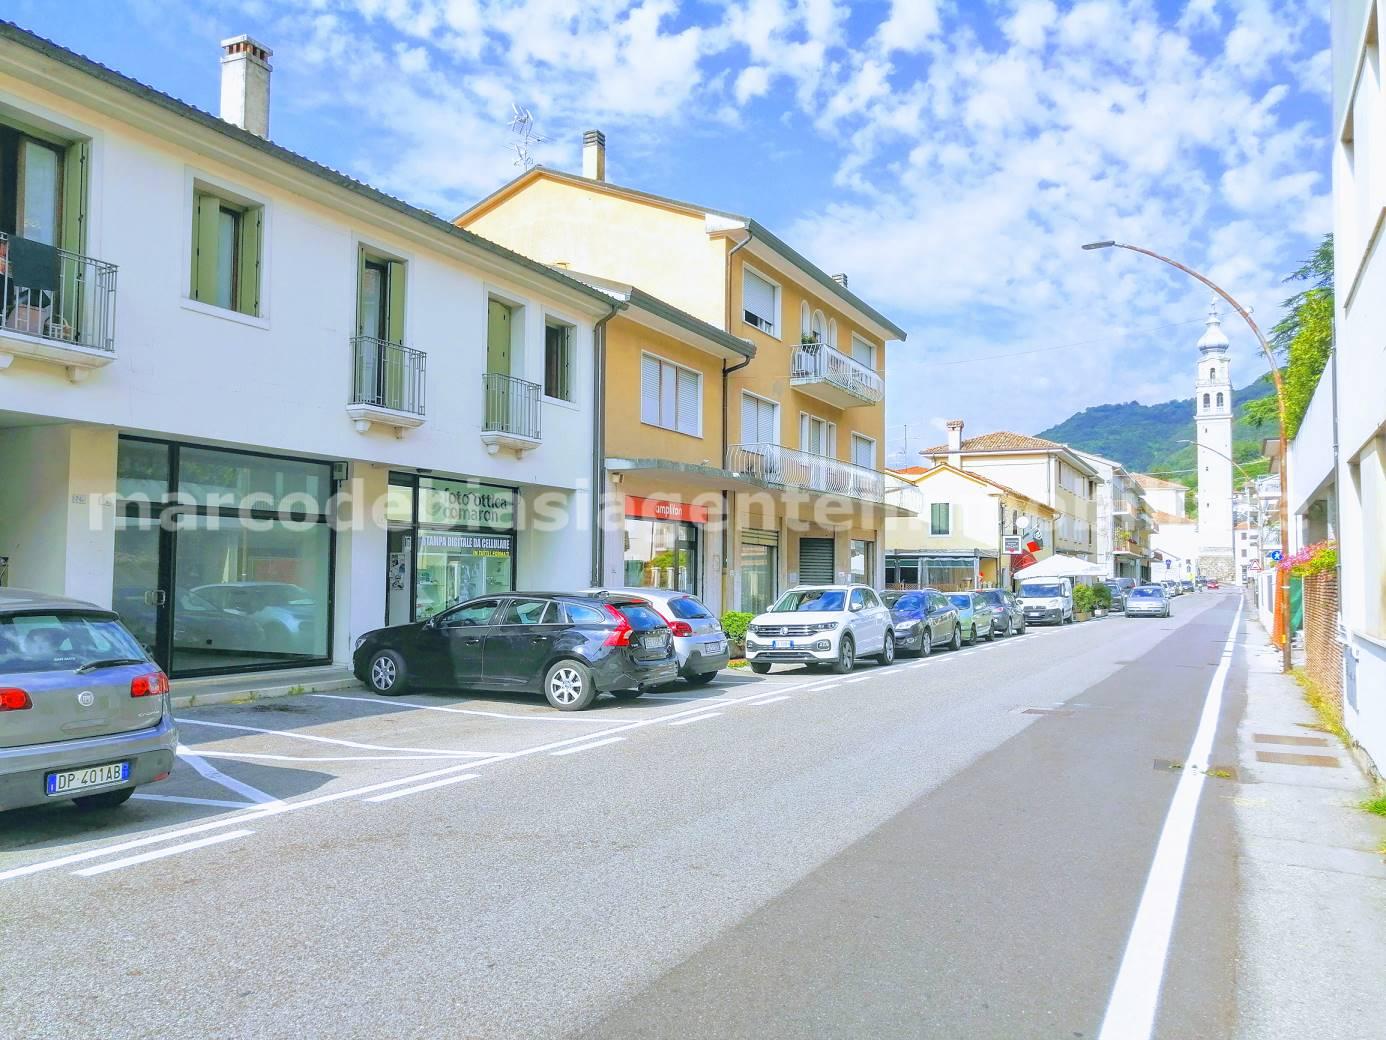 Negozio / Locale in vendita a Valdobbiadene, 1 locali, prezzo € 120.000 | CambioCasa.it